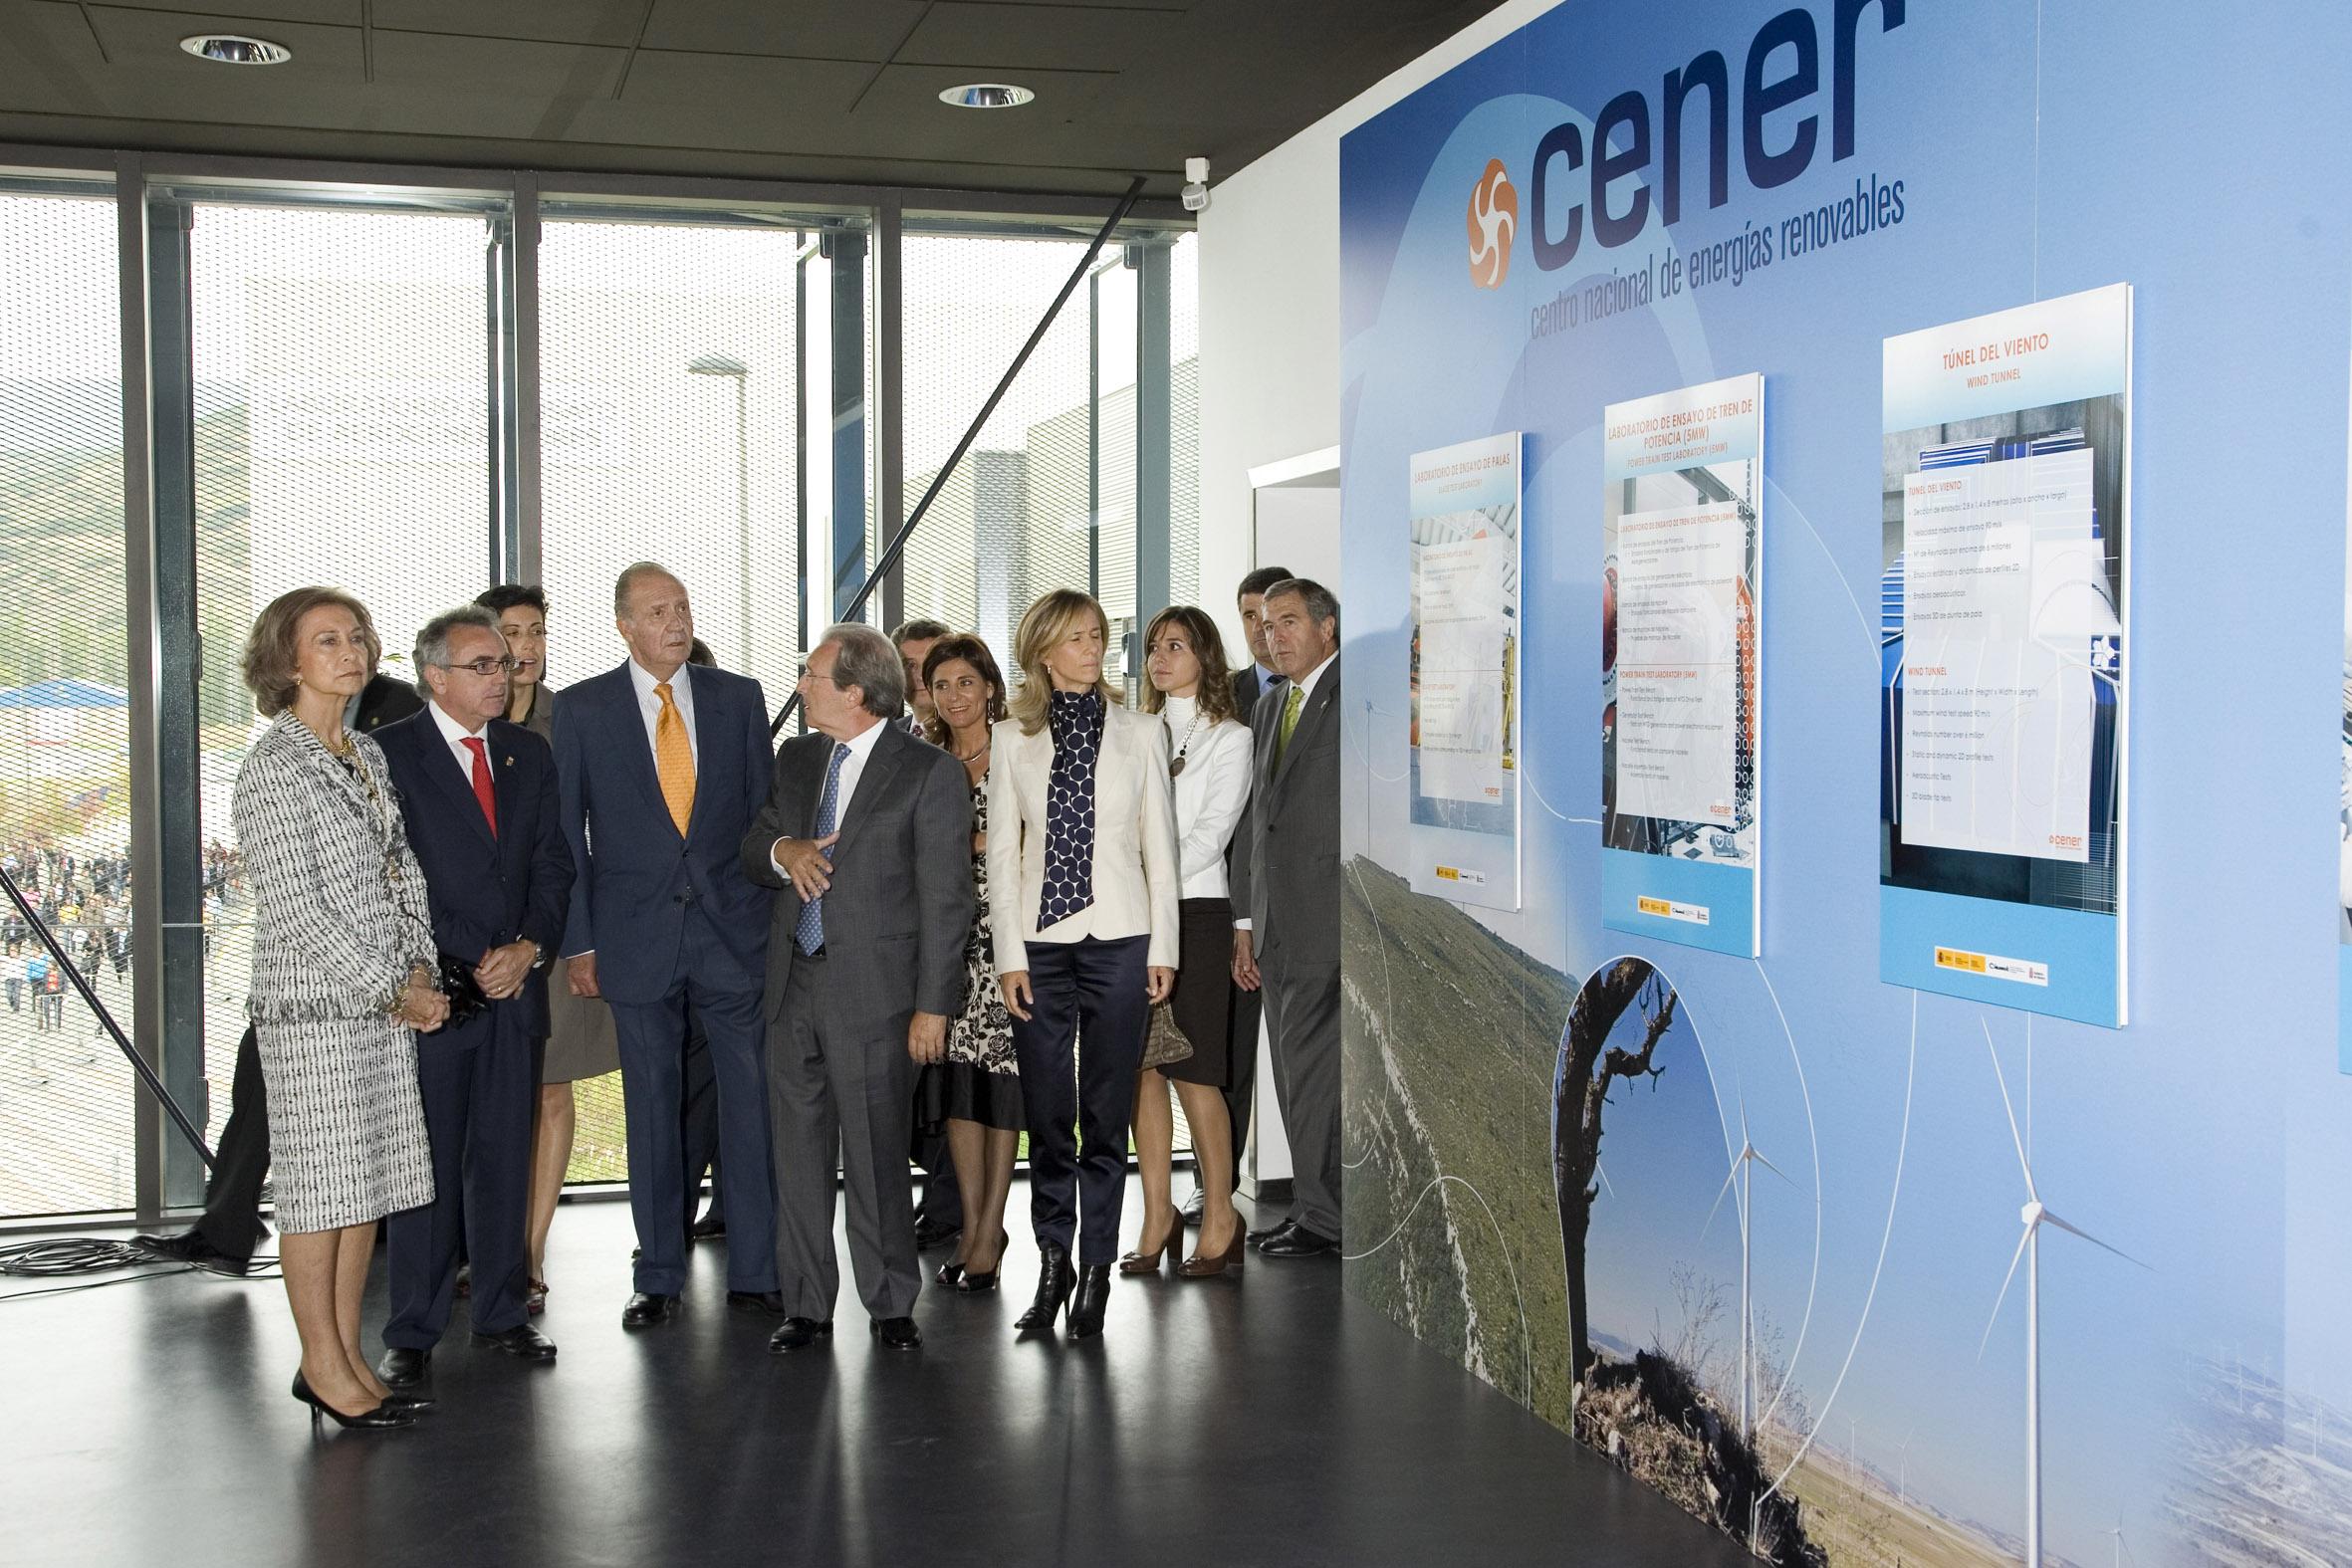 Los Reyes de España inauguran el Laboratorio de Ensayo de Aerogeneradores (2008).